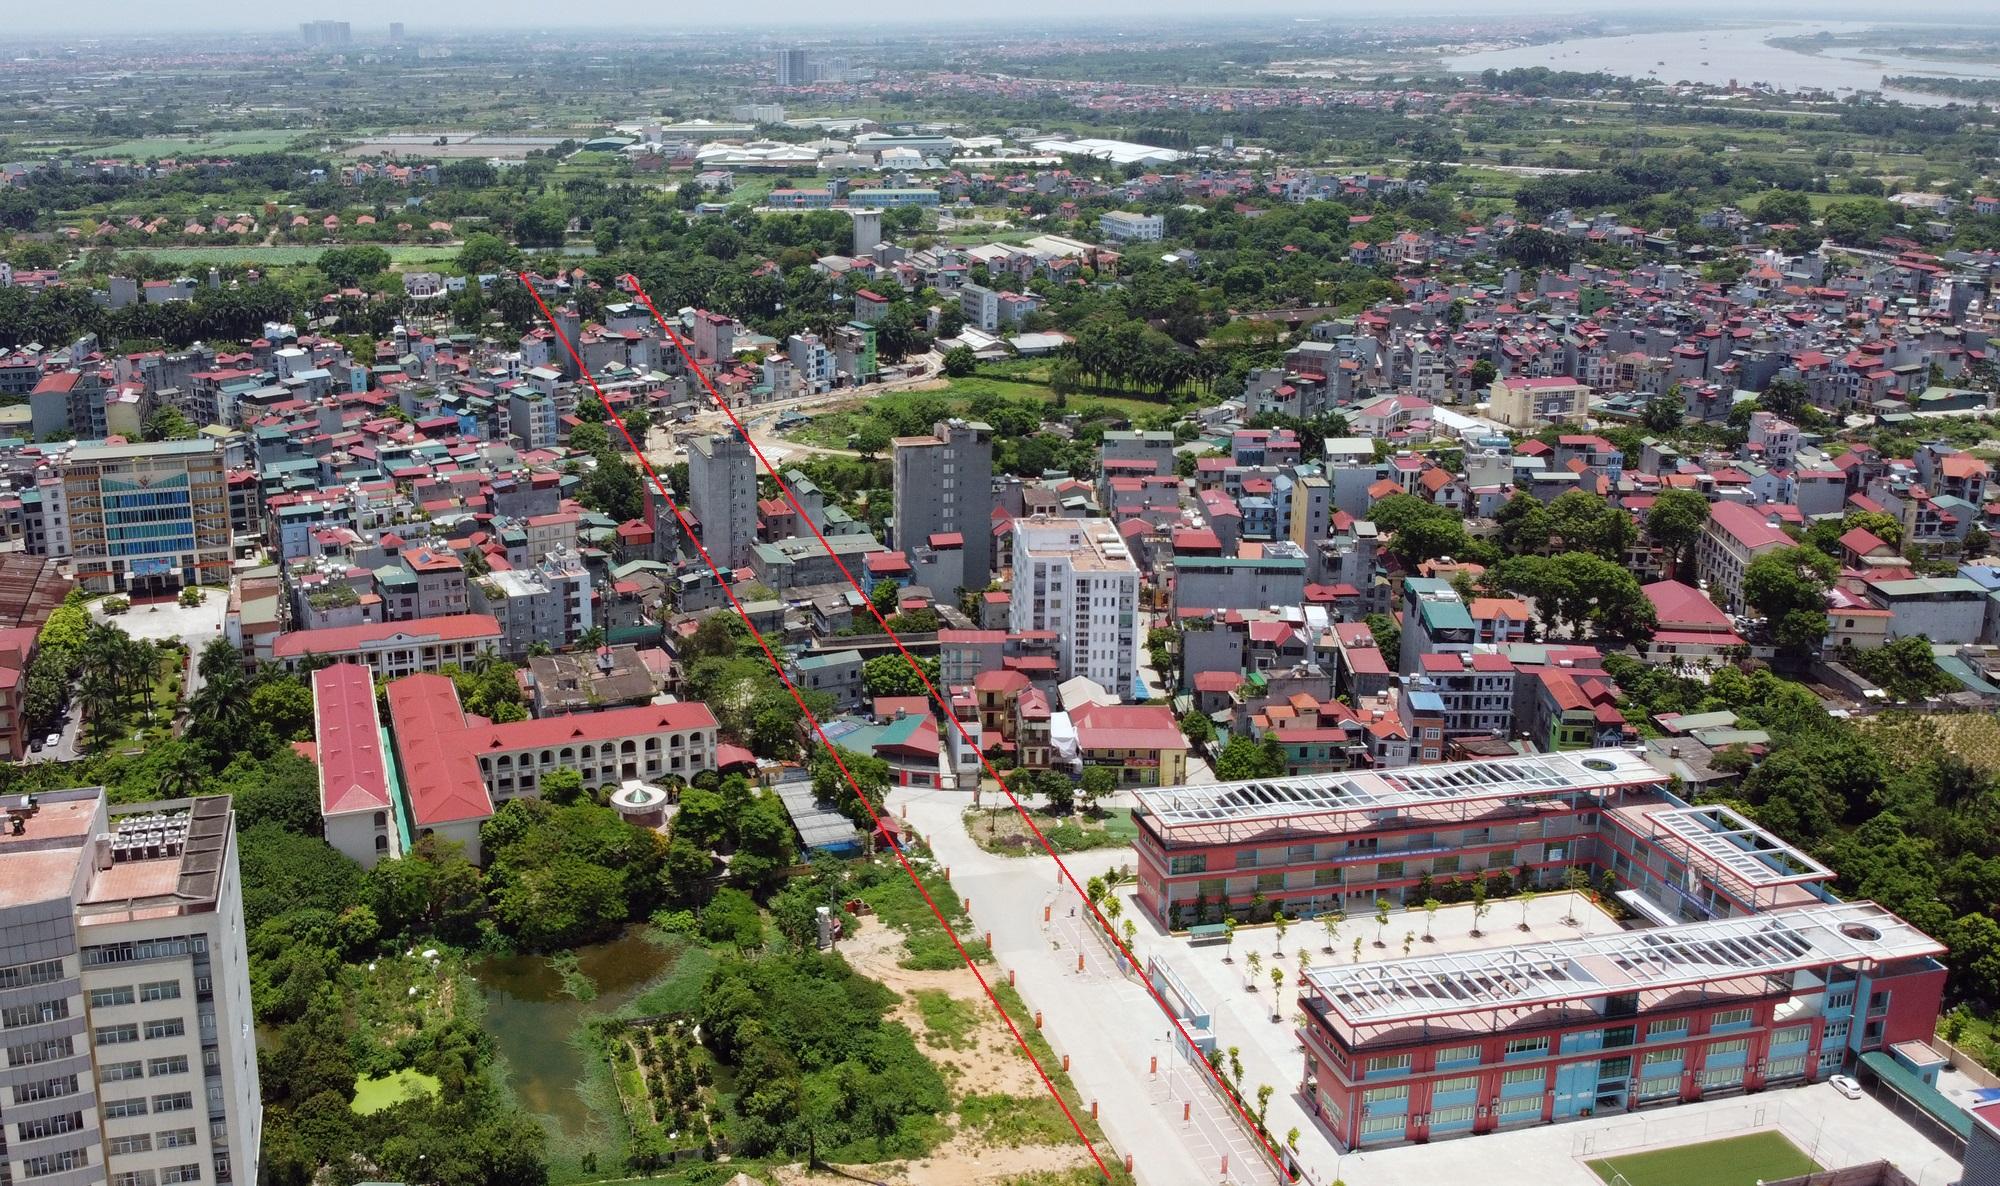 đường sẽ mở theo qui hoạch ở phường Đức Thắng, Bắc Từ Liêm, Hà Nội - Ảnh 4.